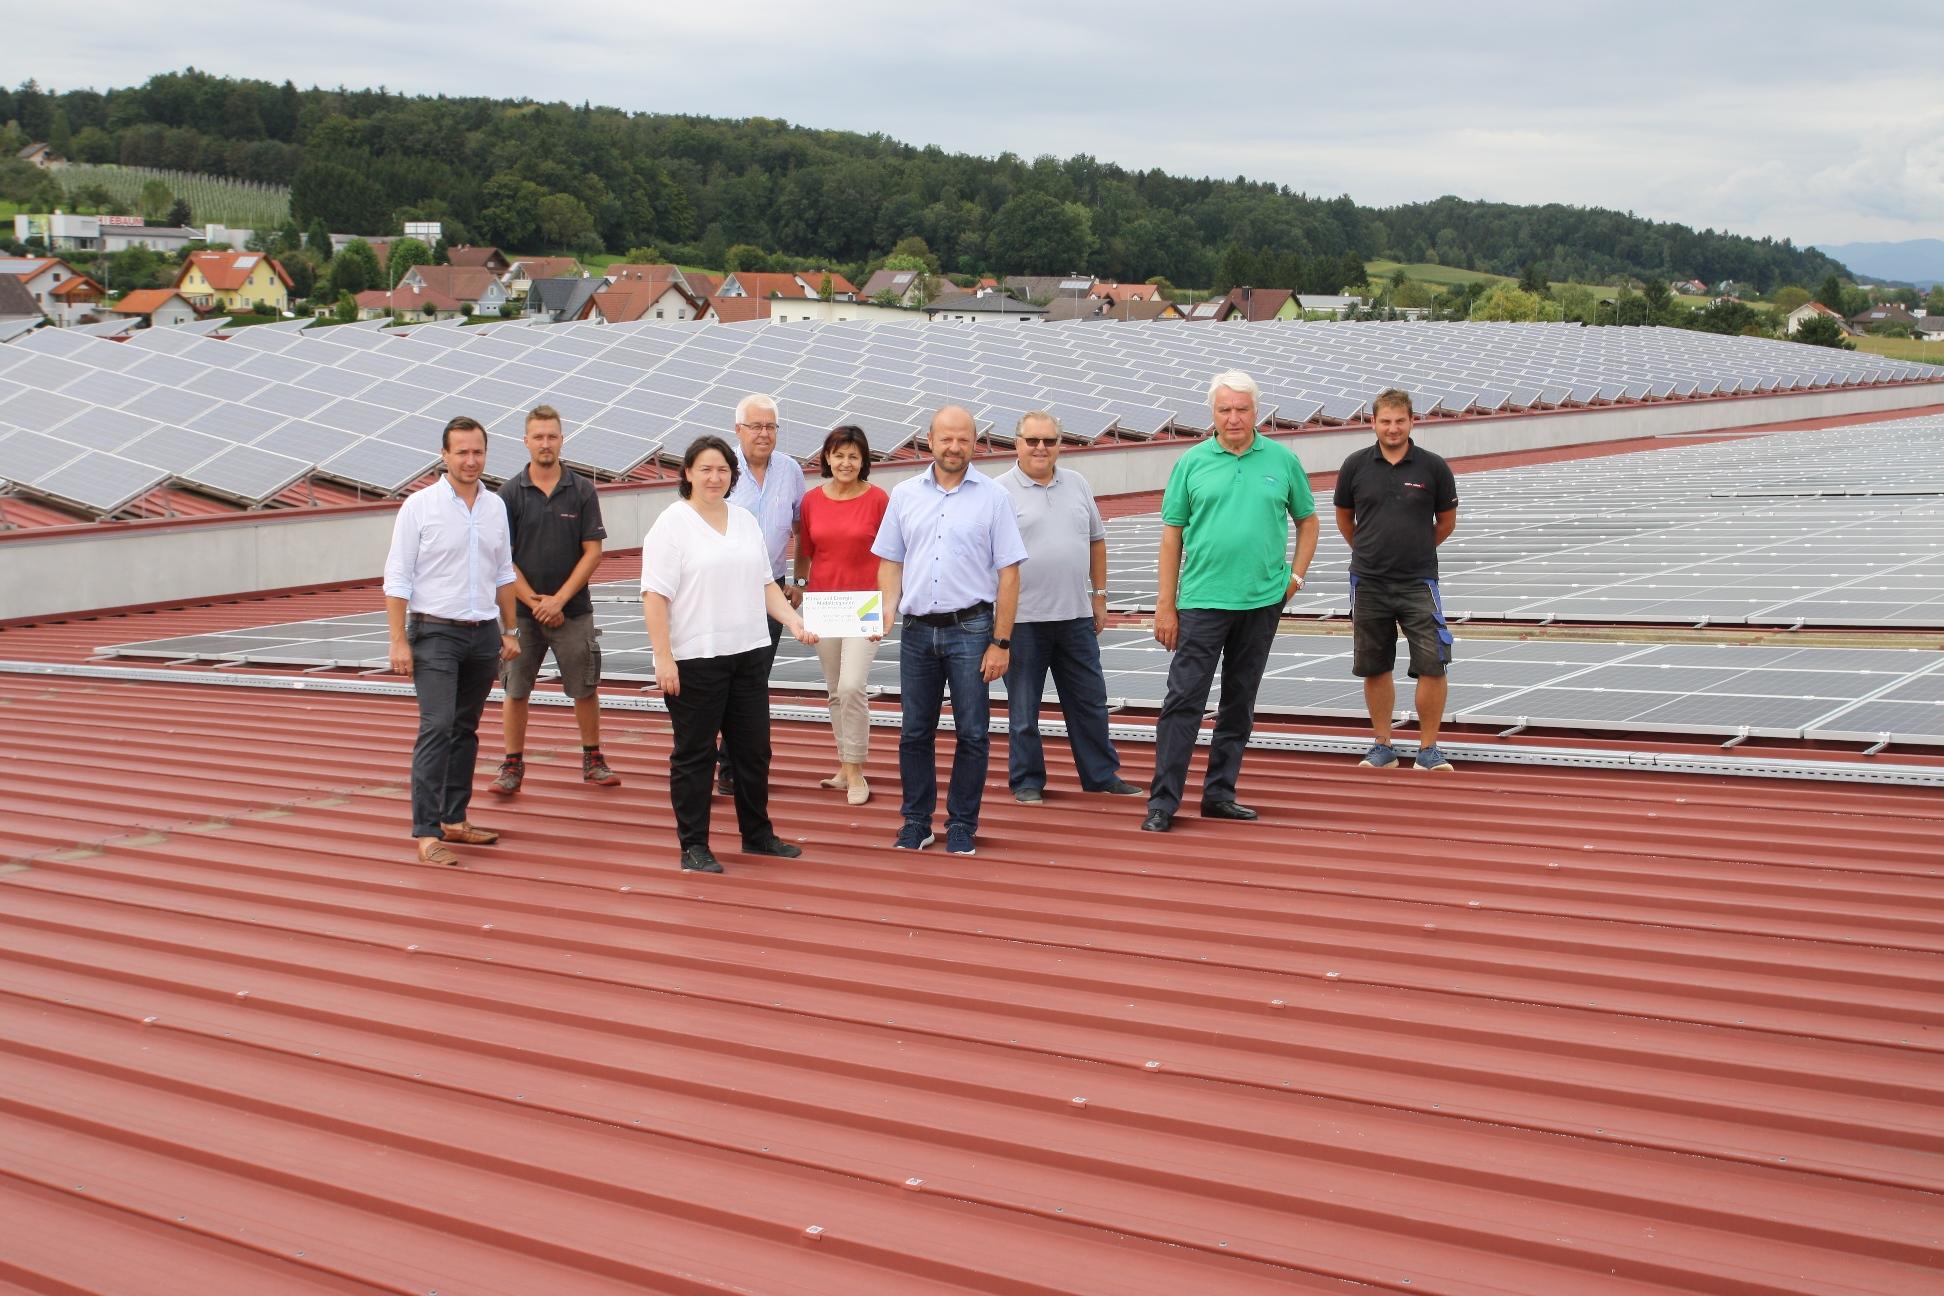 1300 Paneele liefern erneuerbare Energie, Kleine Zeitung, 26.08.2020